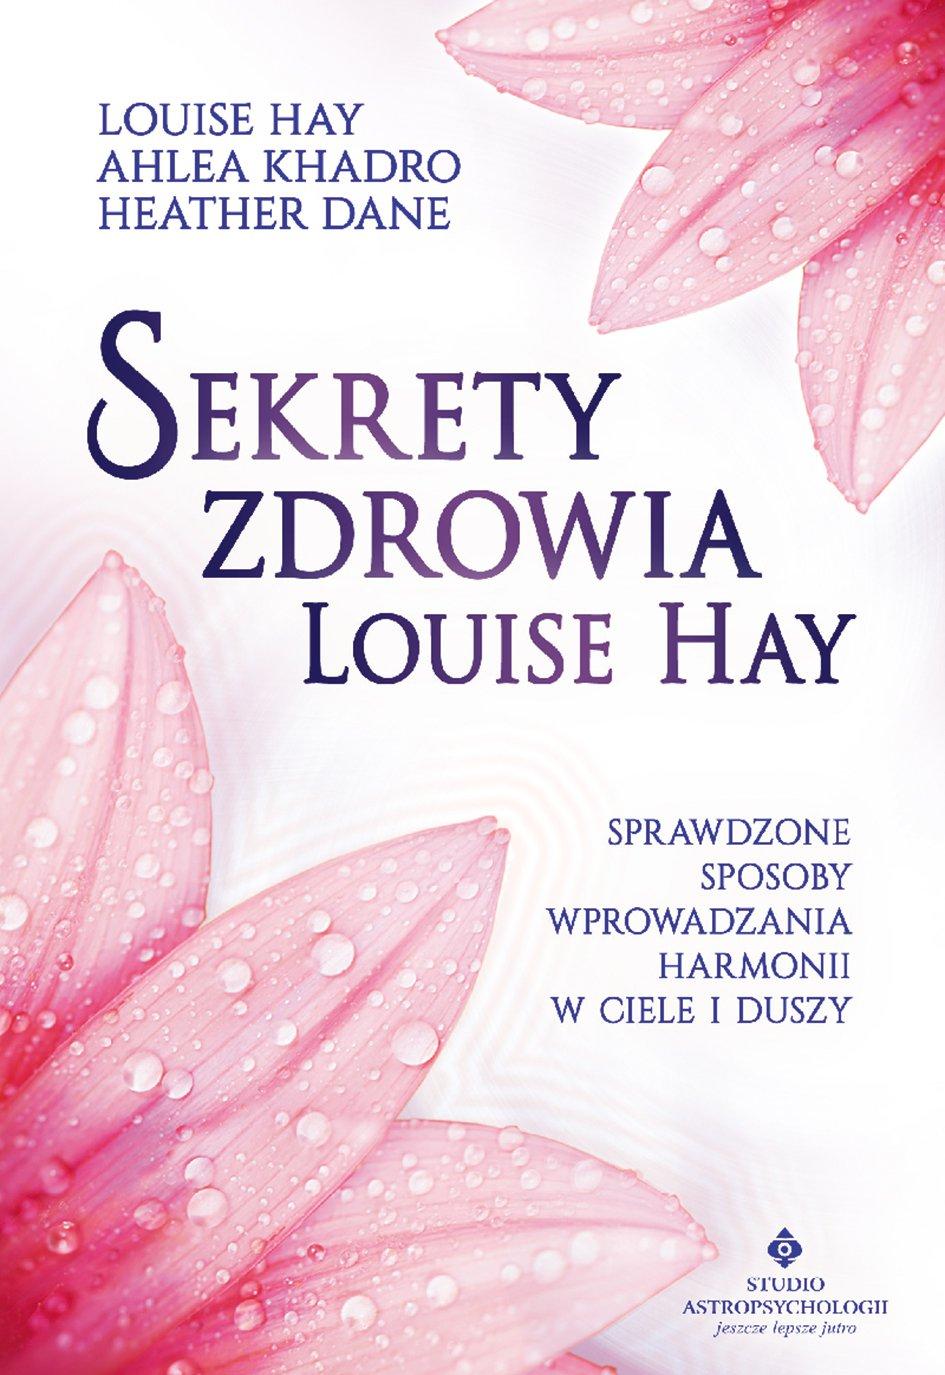 Sekrety zdrowia Louise Hay. Sprawdzone sposoby wprowadzania harmonii w ciele i duszy - Ebook (Książka EPUB) do pobrania w formacie EPUB